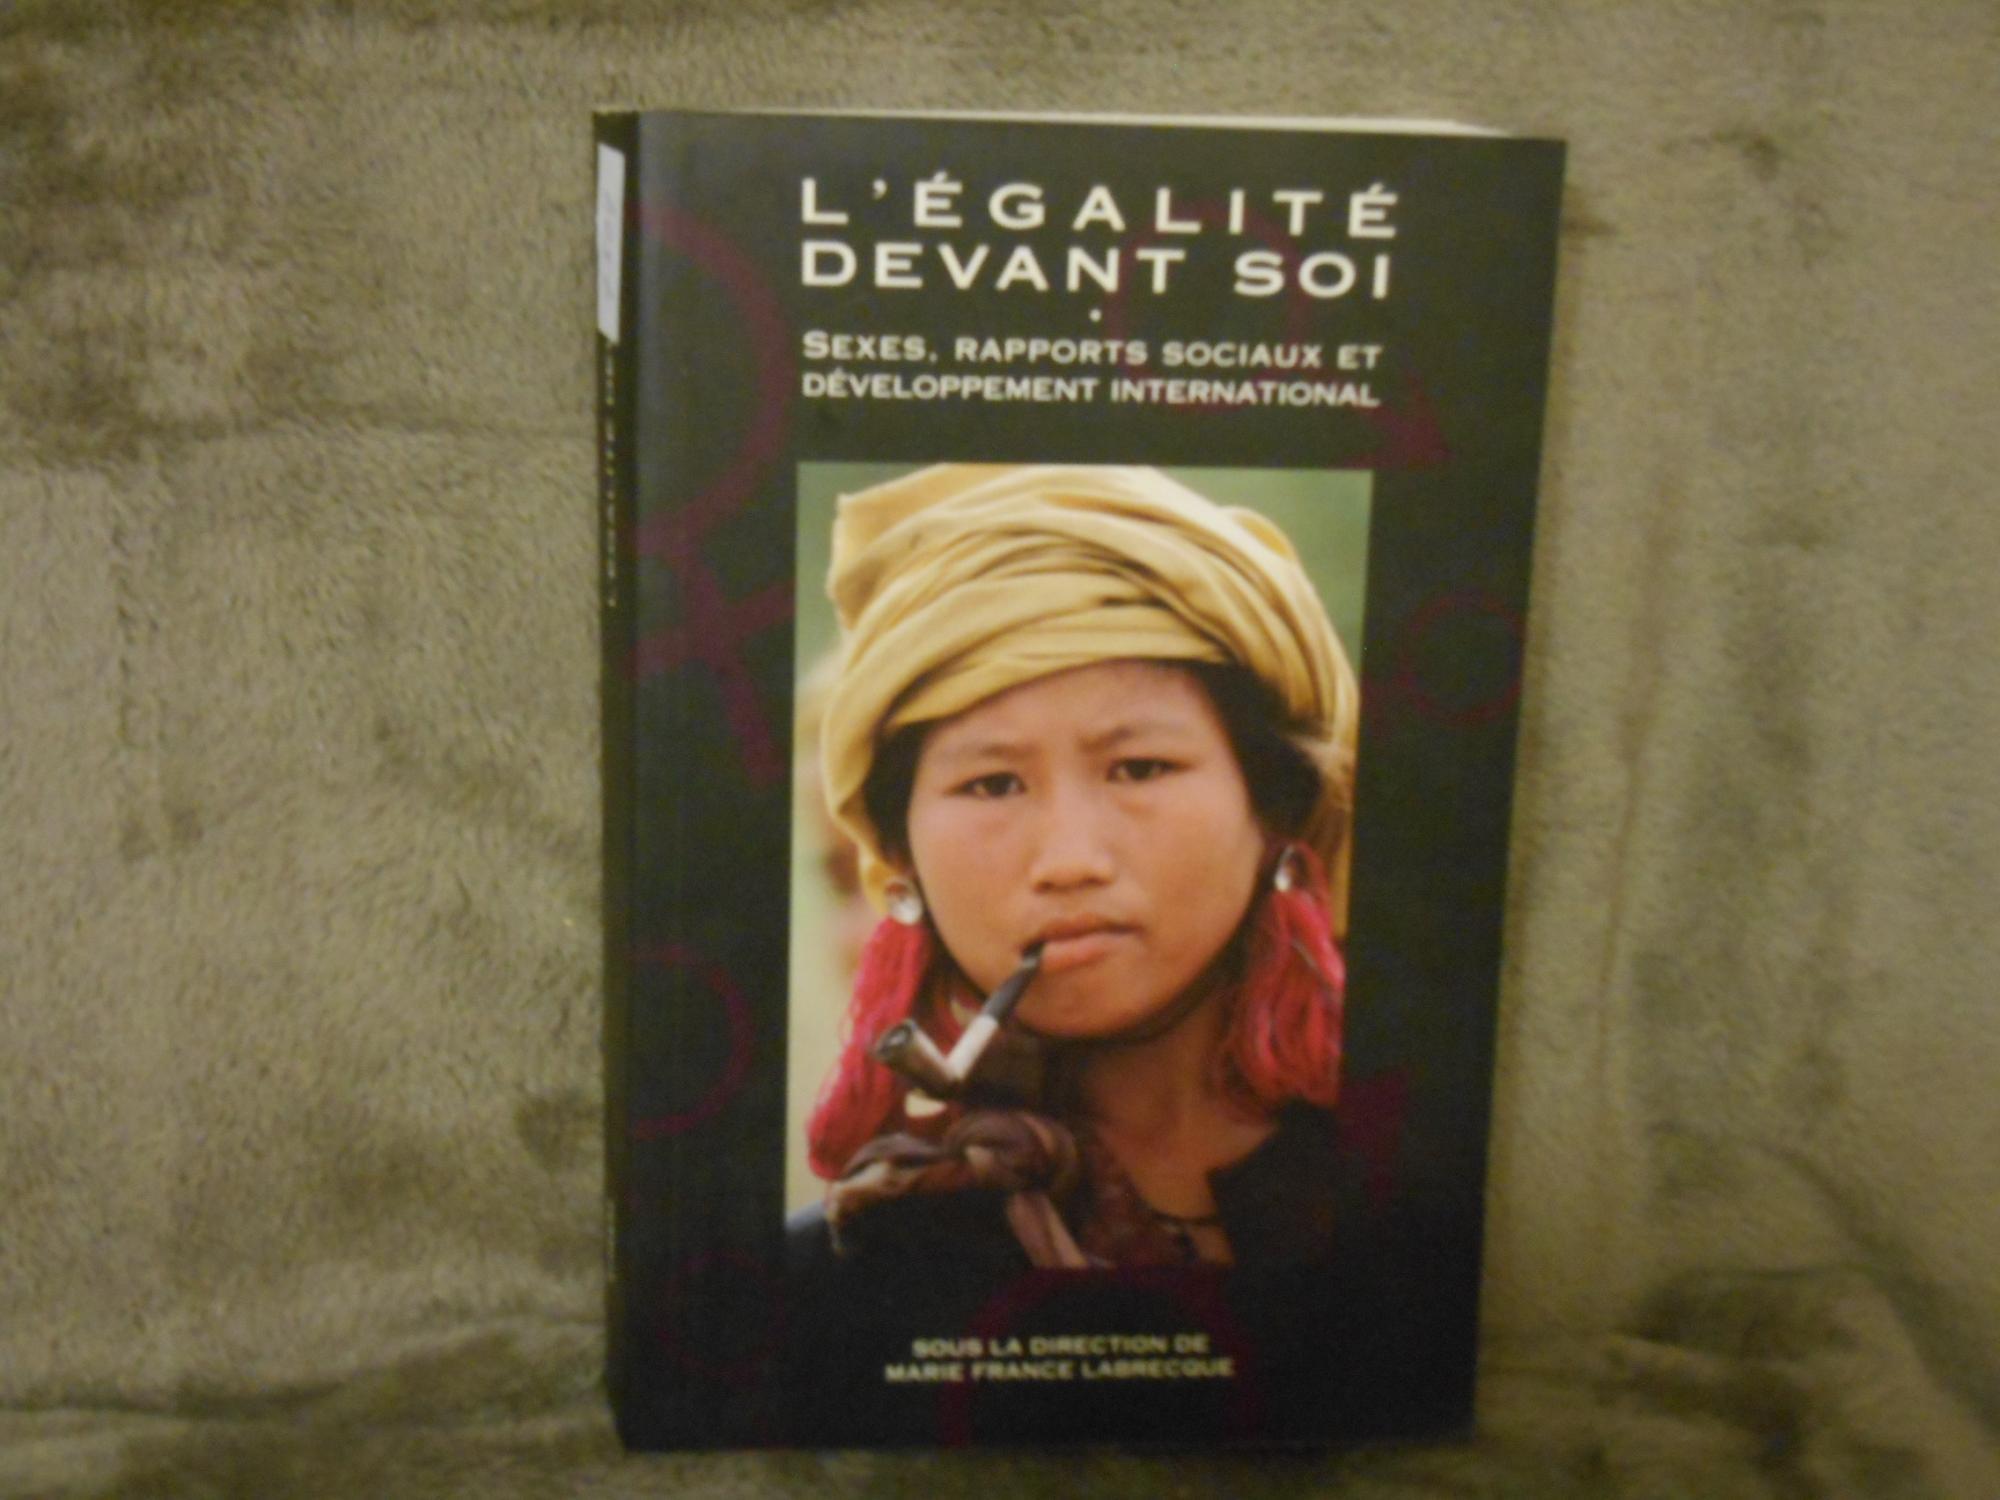 9780889366862 - Collectif sous la direction de France Labrecque: L'EGALITE DEVANT SOI sexes rapports sociaux et developpement international - Livre